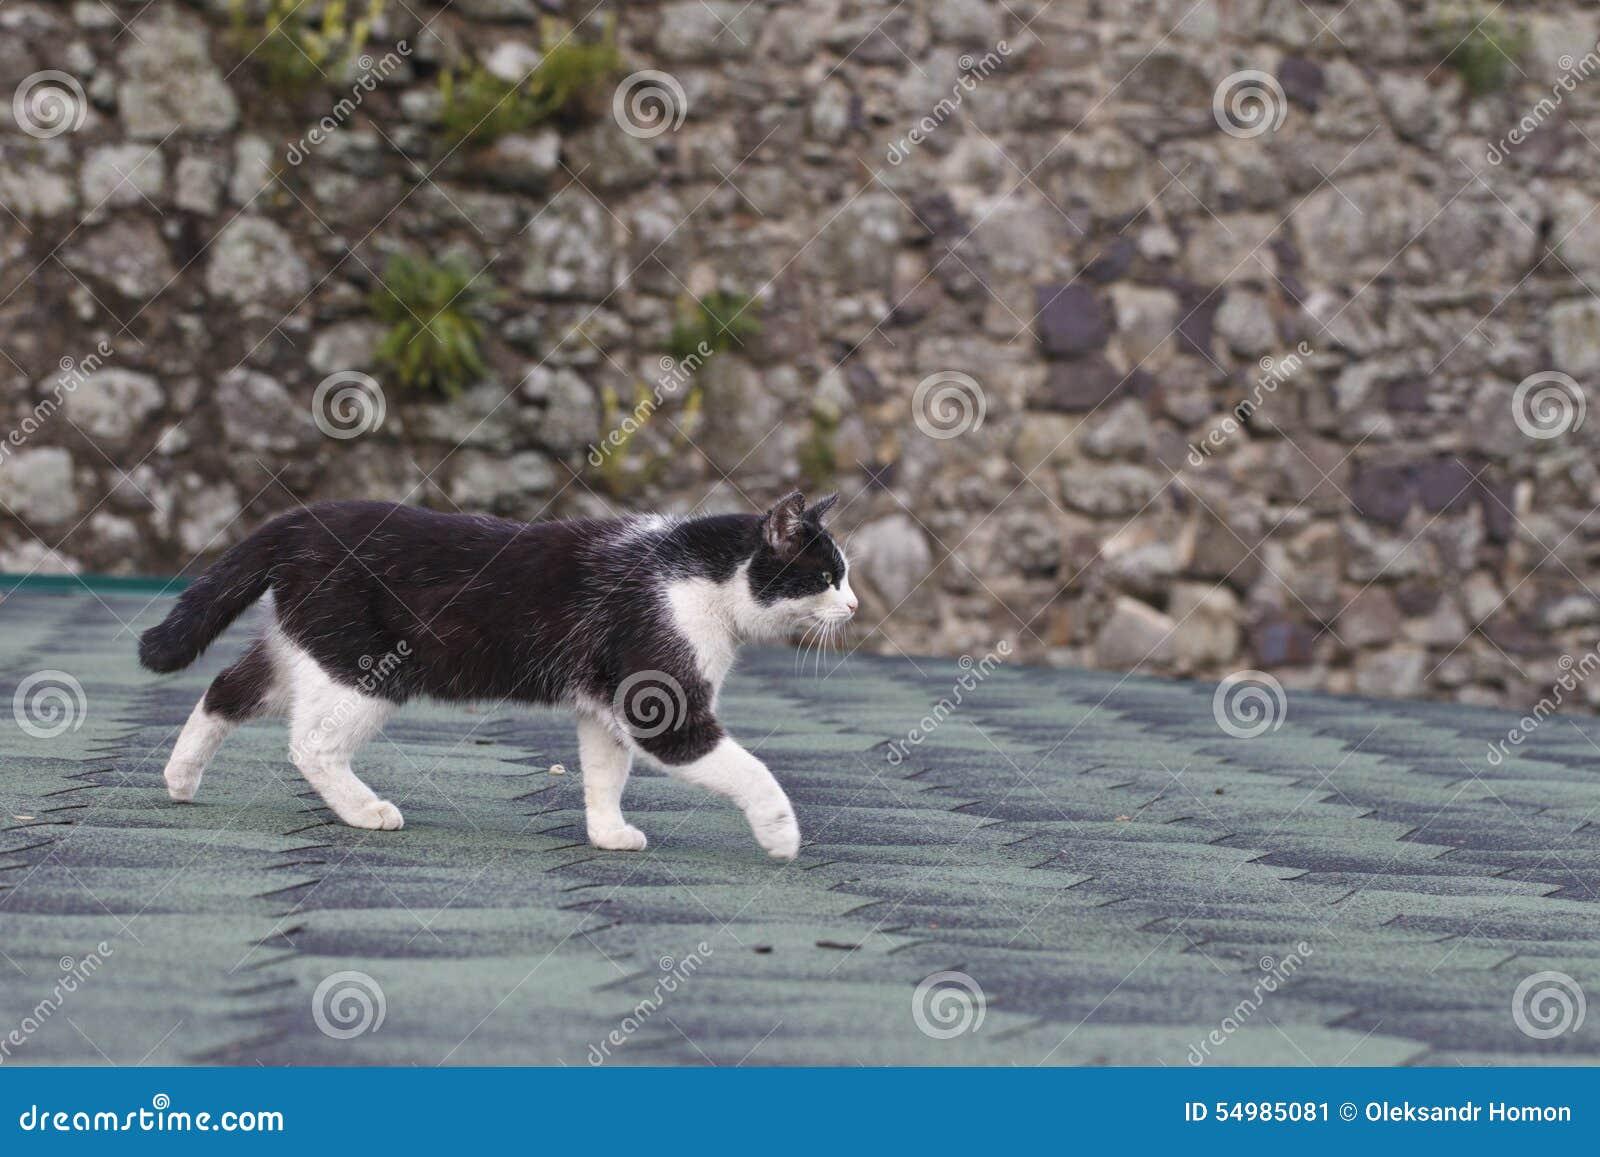 Zwart-witte kat op het dak